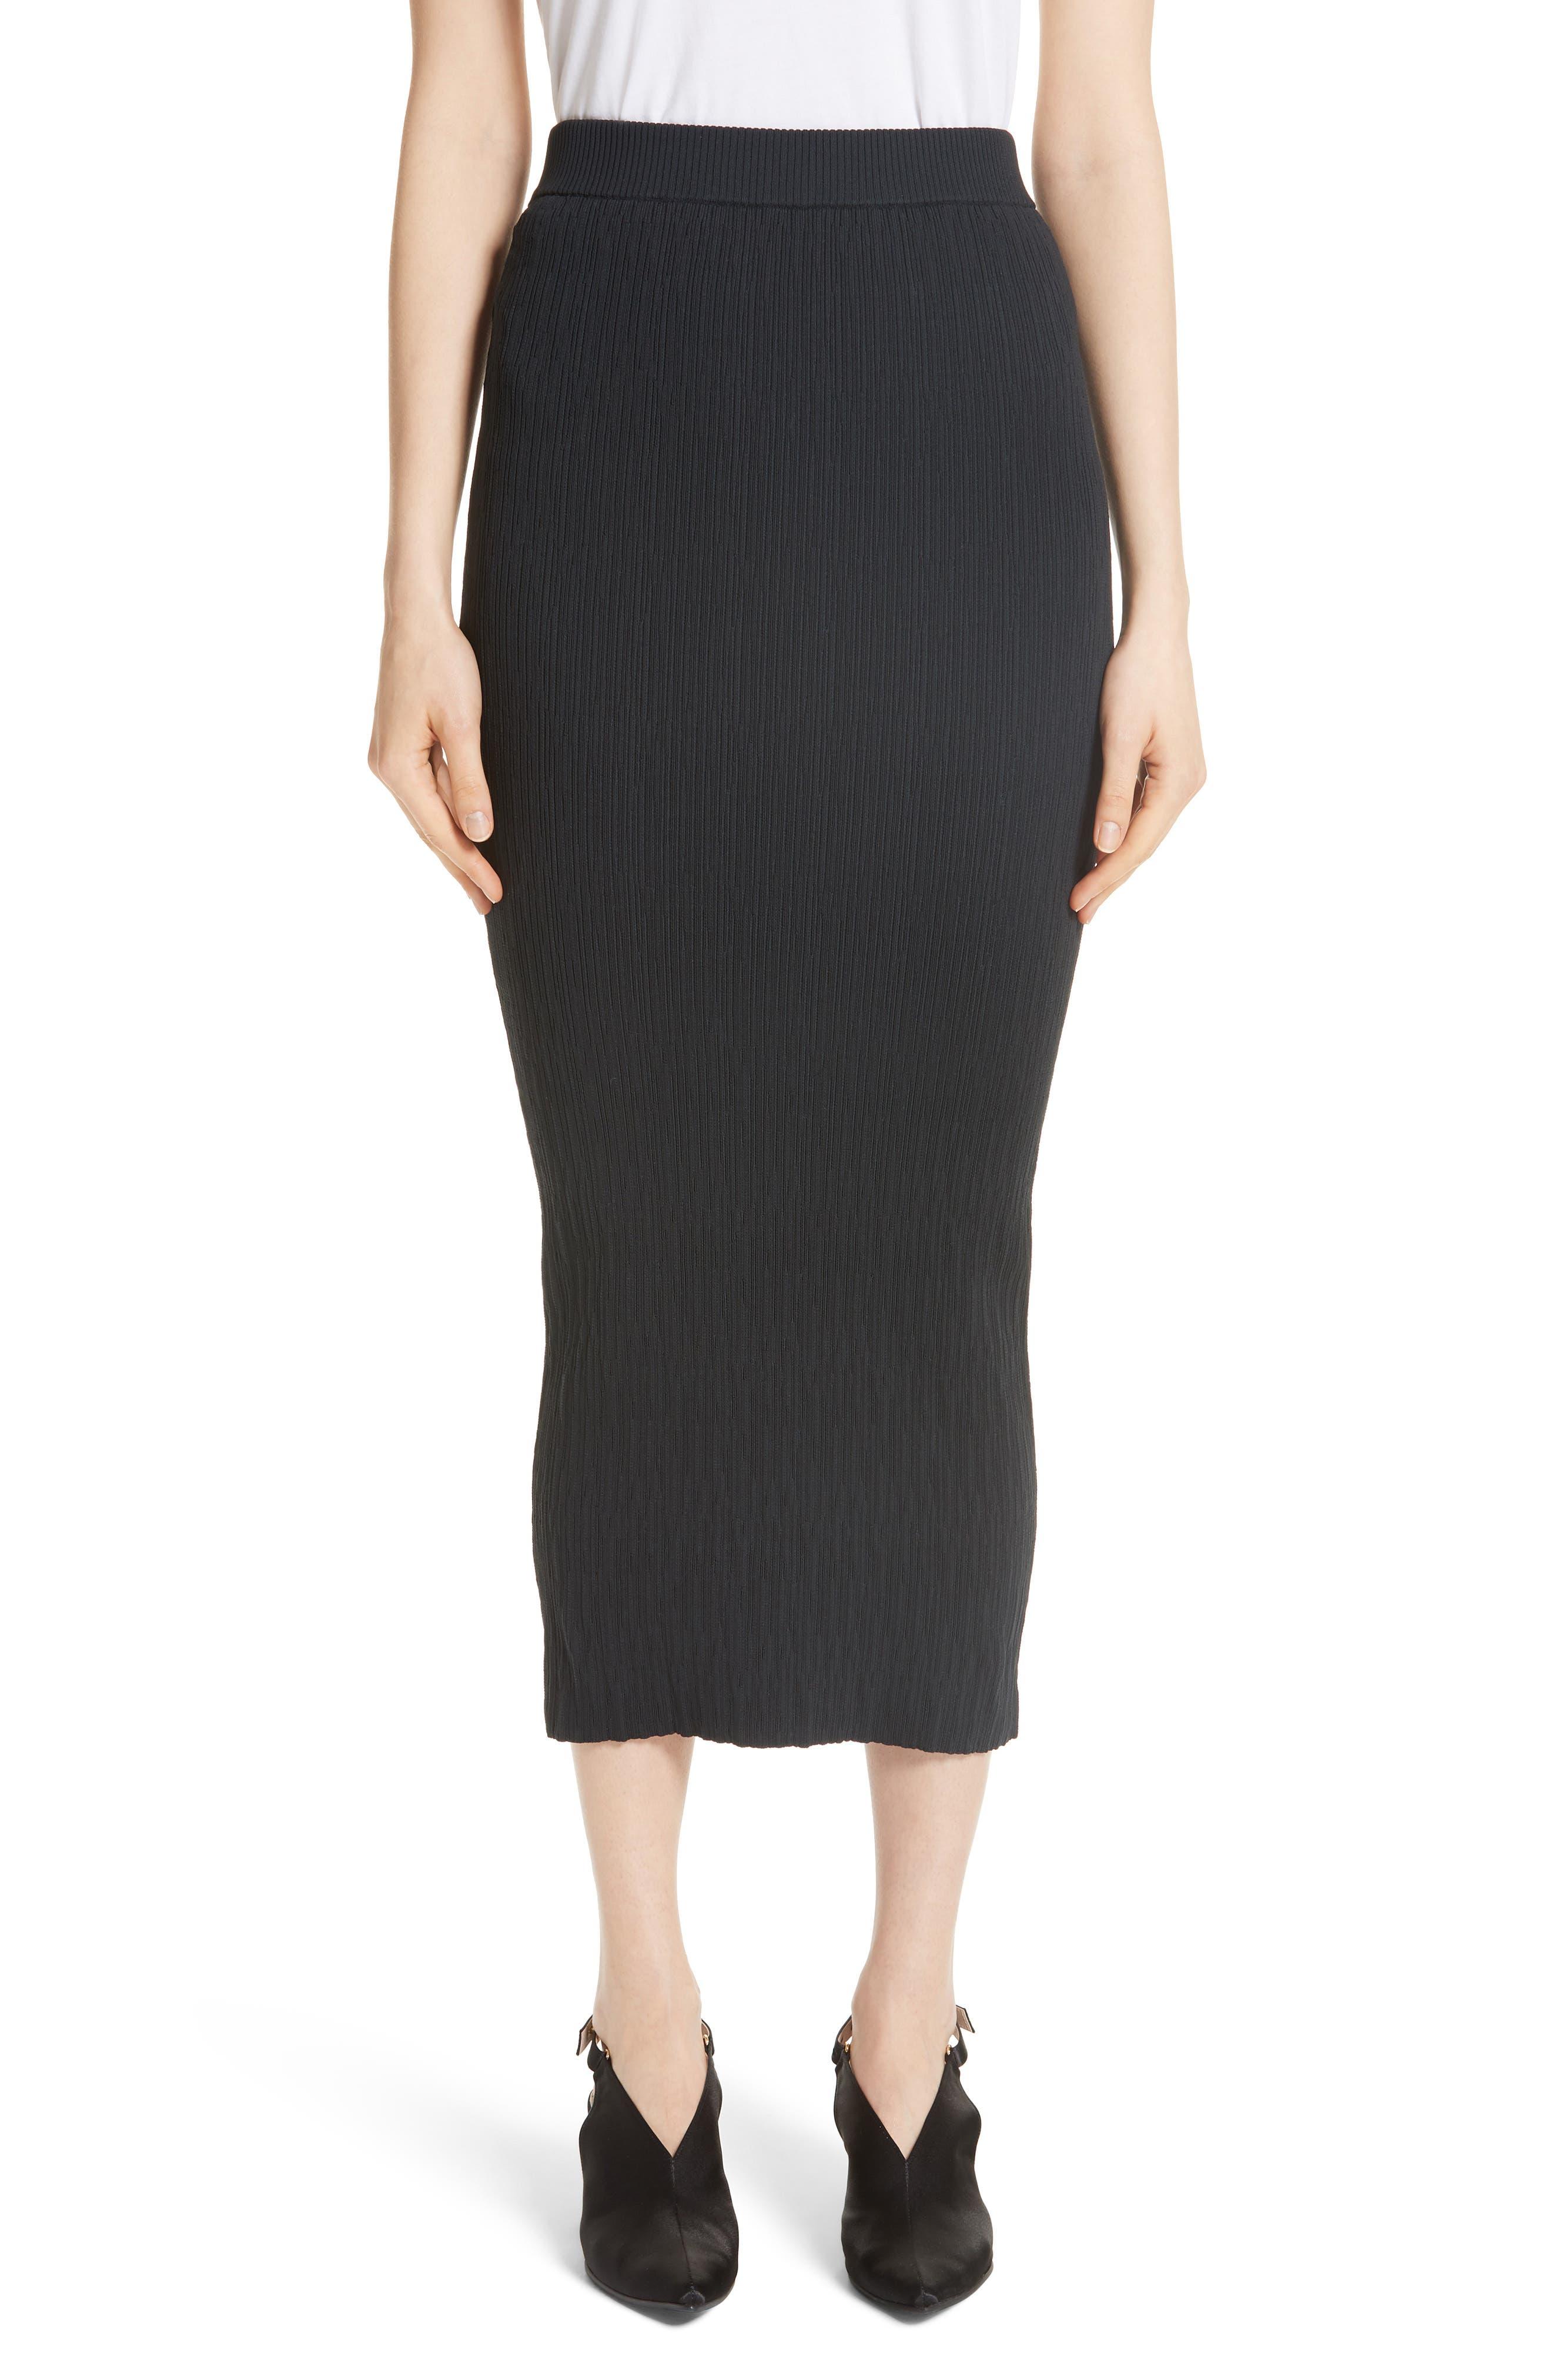 Simon Miller Marsing Textured Skirt